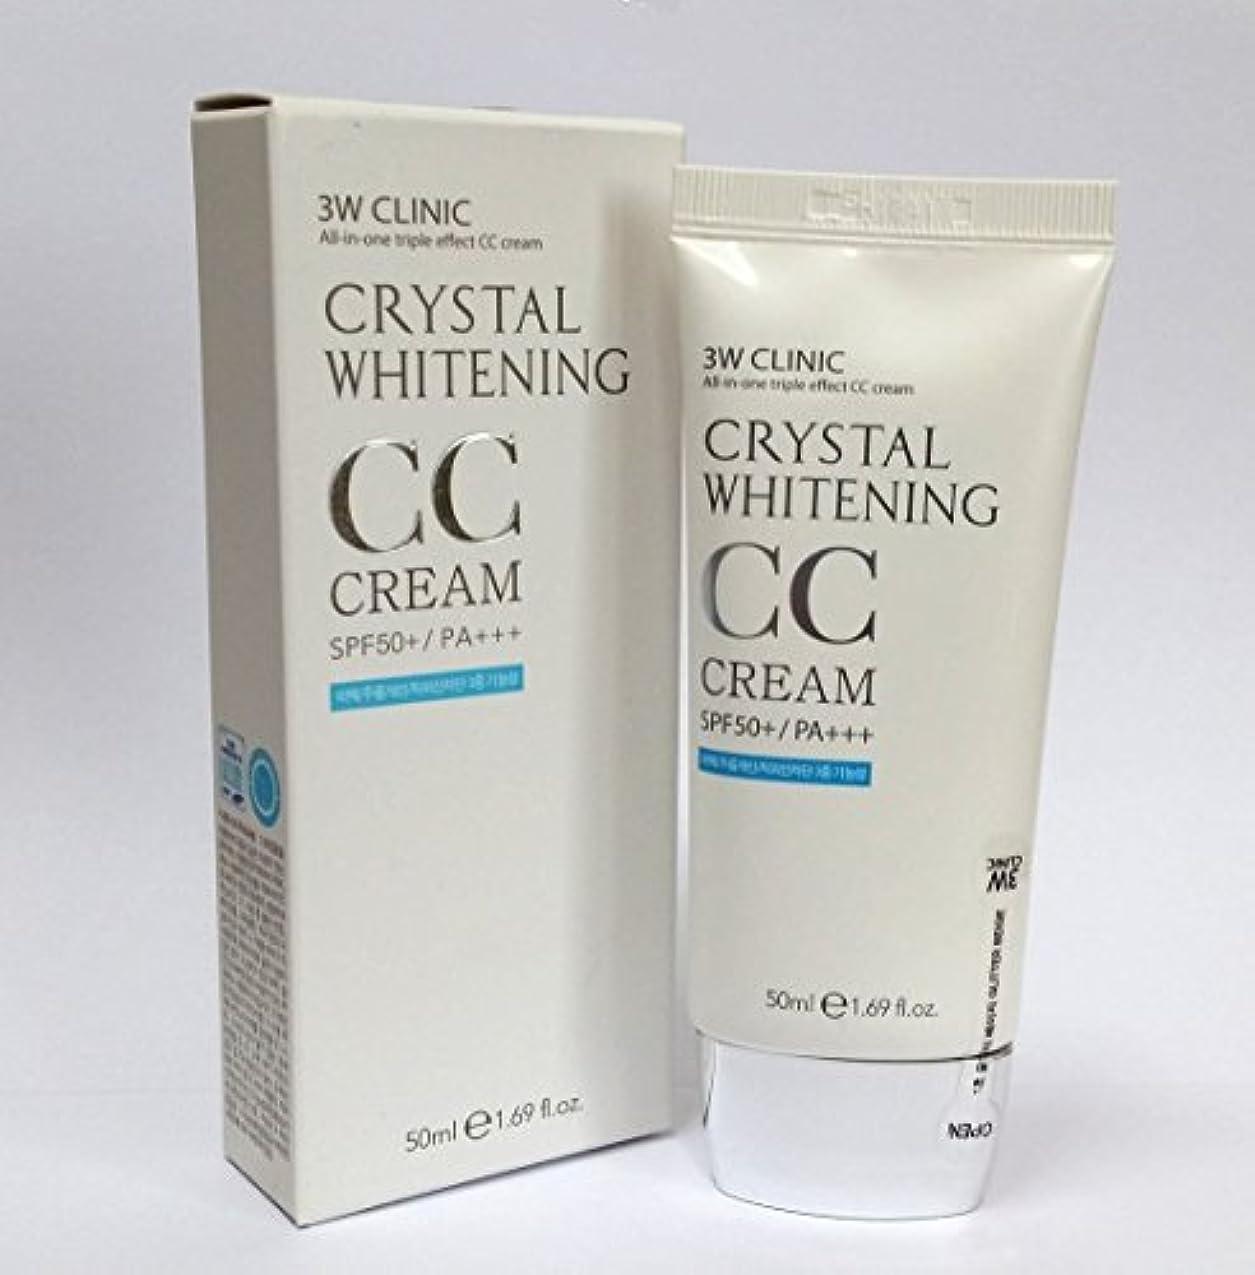 ゆるくチャップ数学的な[3W CLINIC] クリスタルホワイトニングCCクリーム50ml SPF50 PA +++ / #02 Natural Beige / Crystal Whitening CC Cream 50ml SPF50 PA...